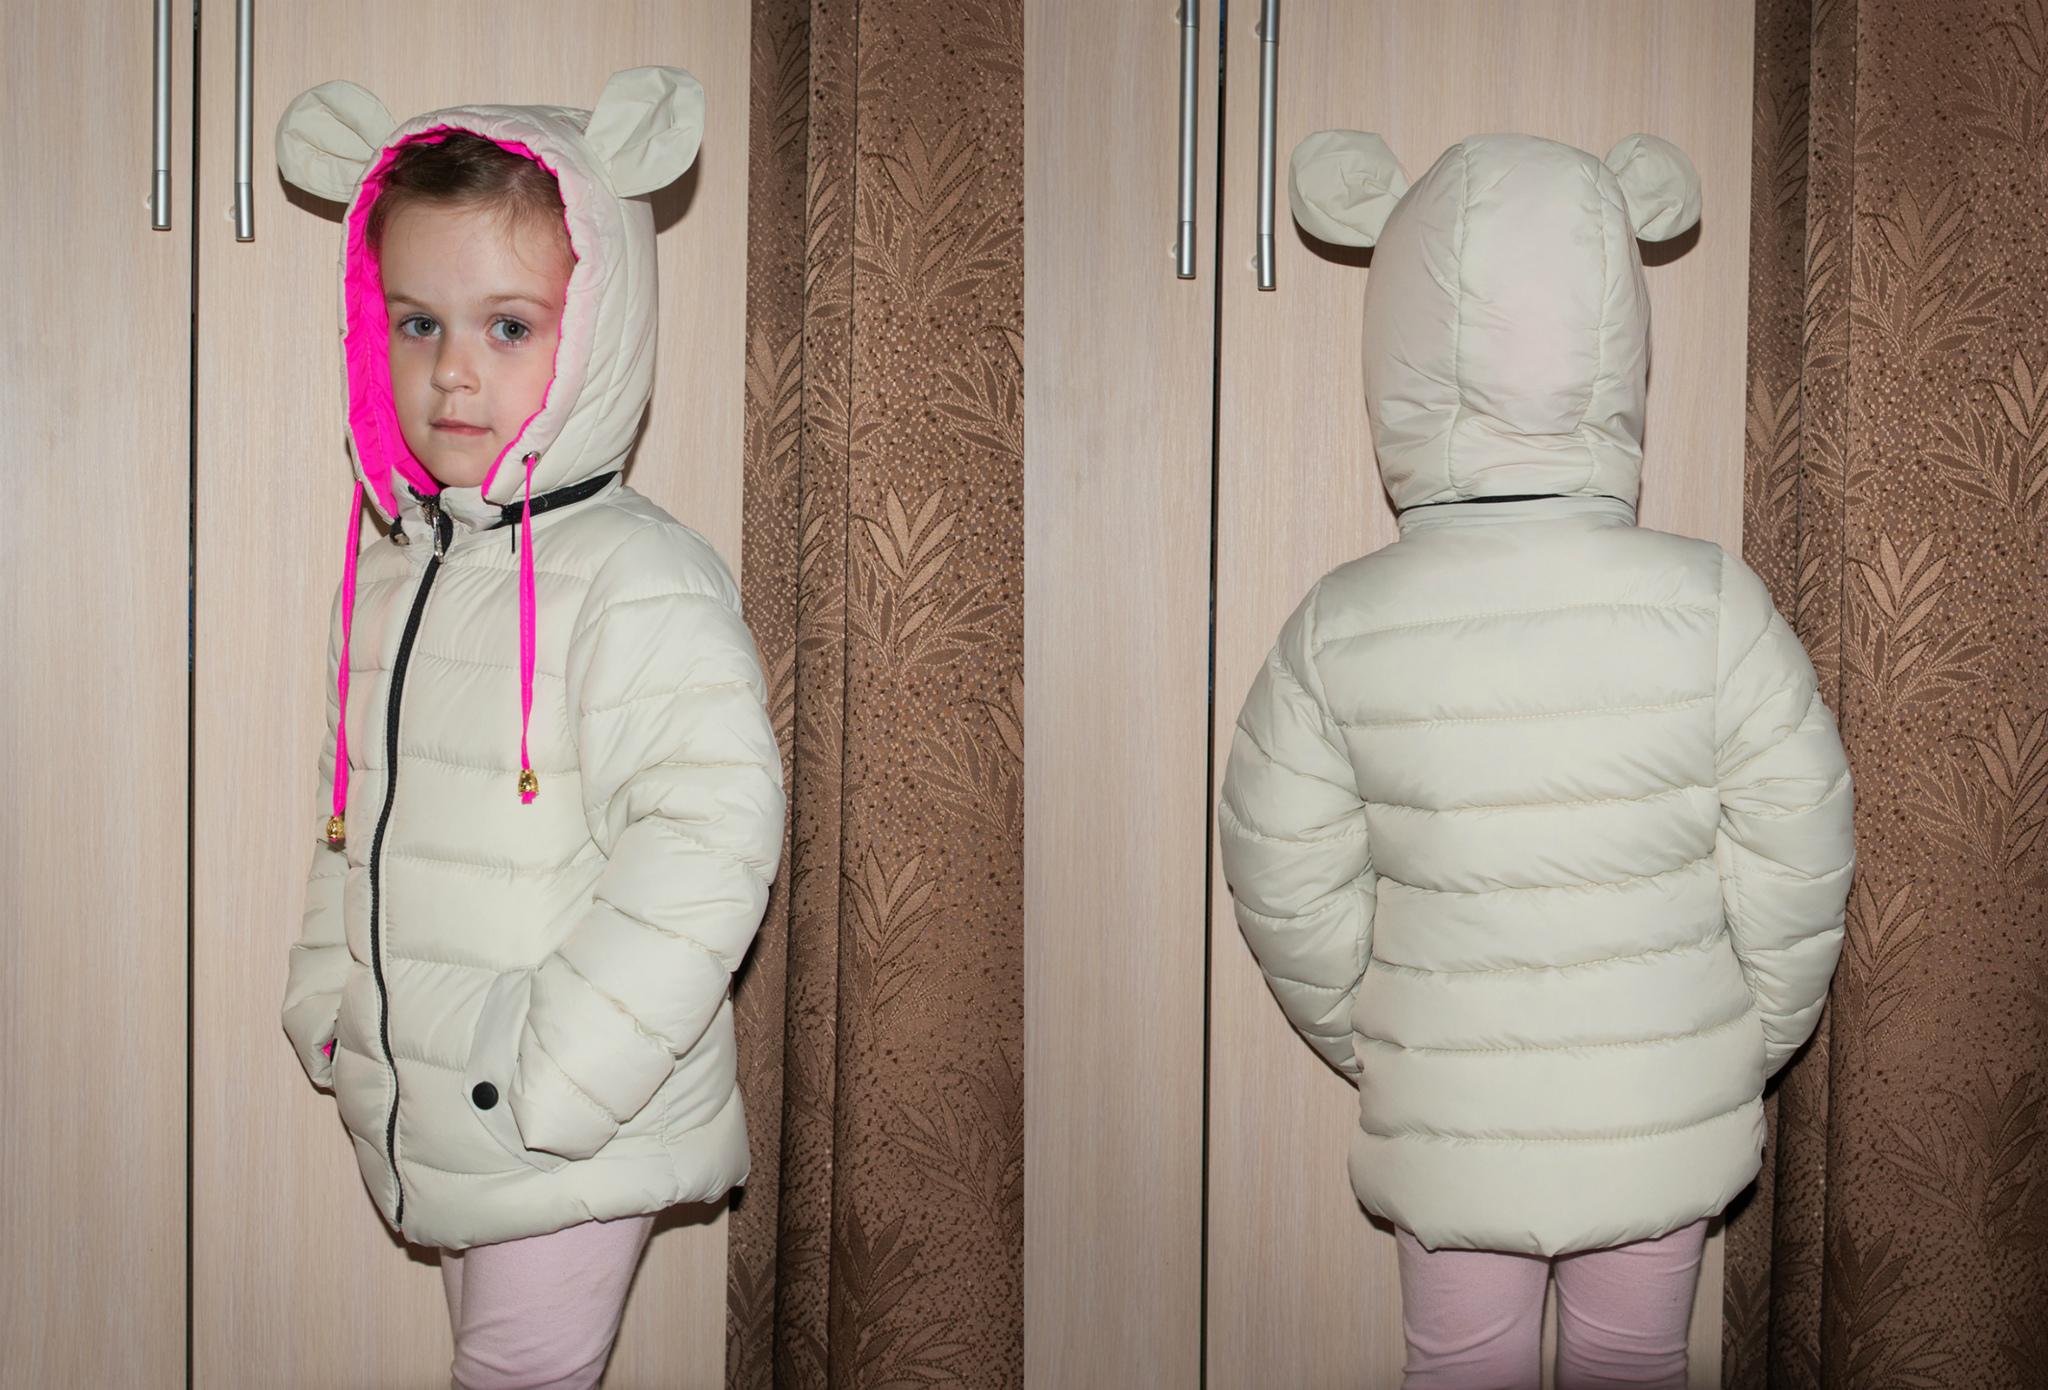 Спортивный стиль для девчонок и мальчишек. Появляются куртки, костюмы на флисе, шапки.